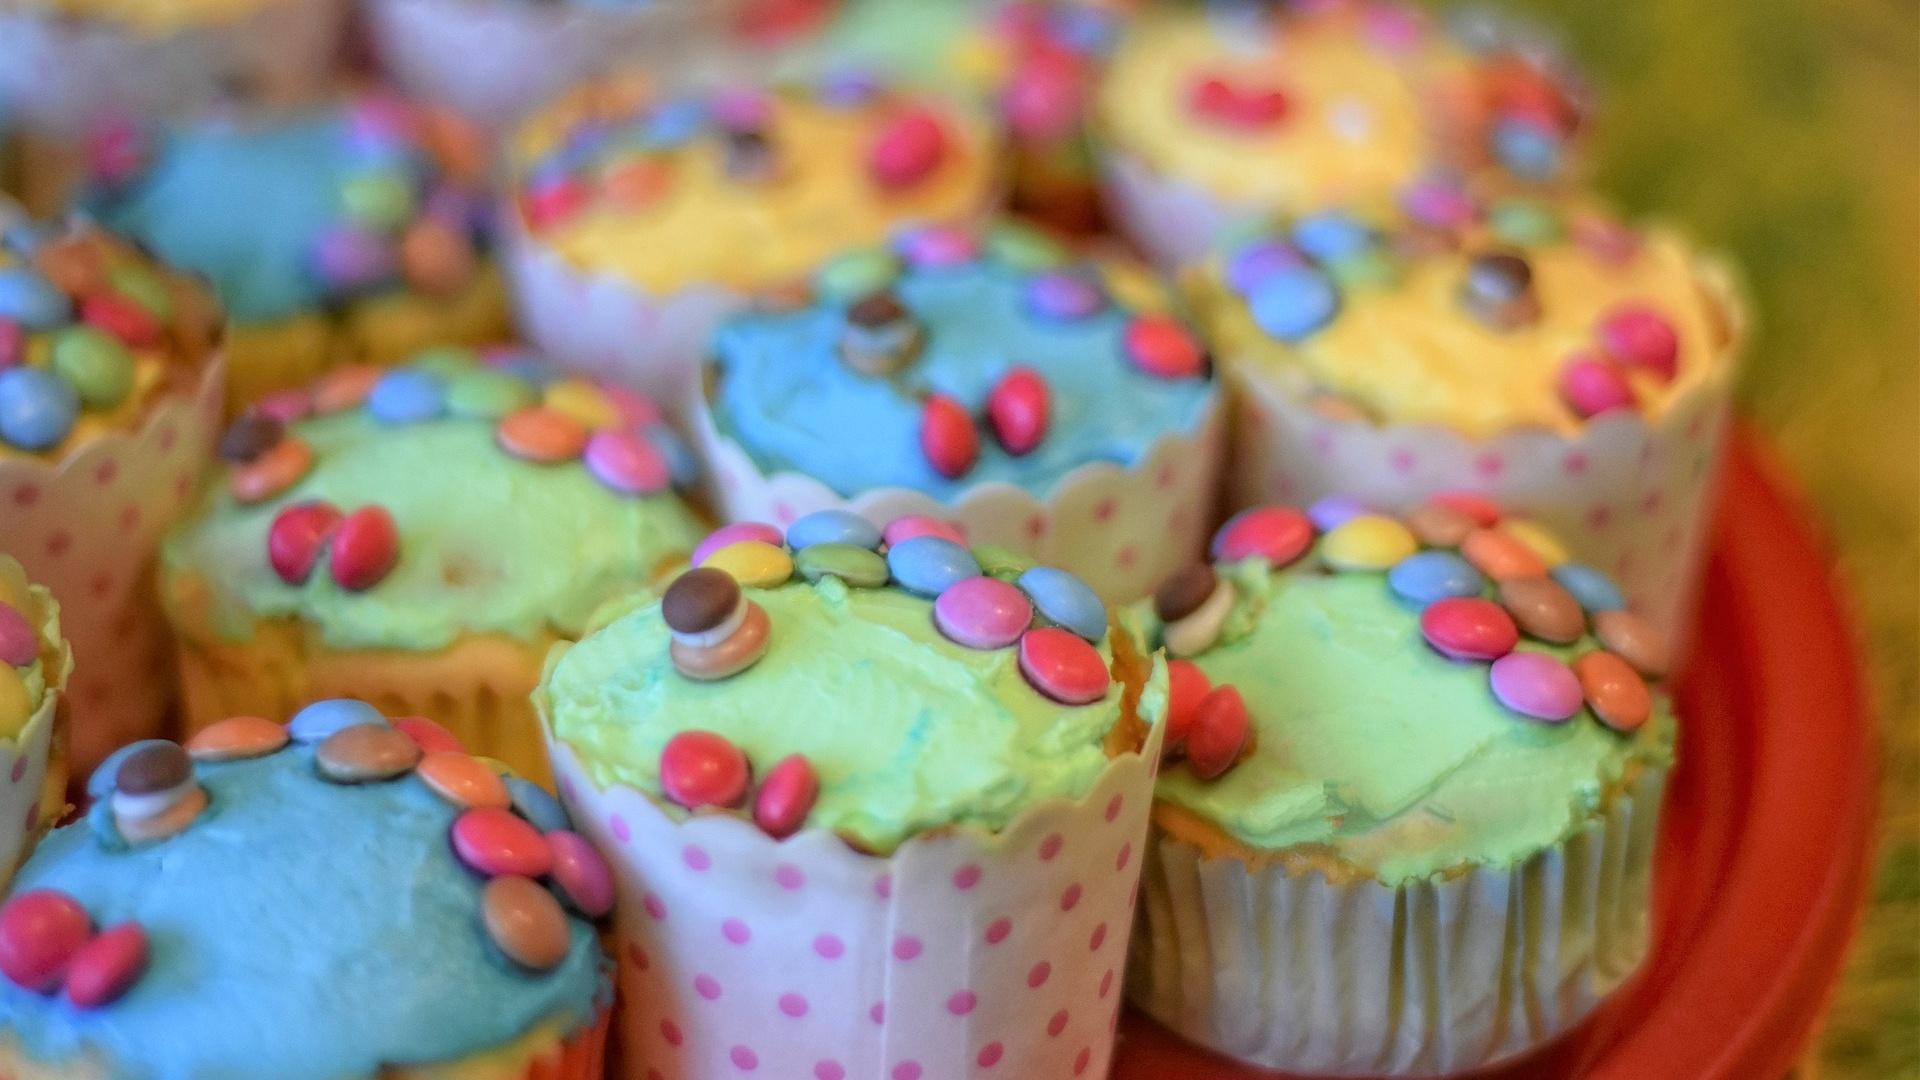 Von Fisch-Muffins bis hin zur Muschel-Deko - mit ein wenig Kreativität wird Ihre Meerjungfrauen-Party ein echter Hit.